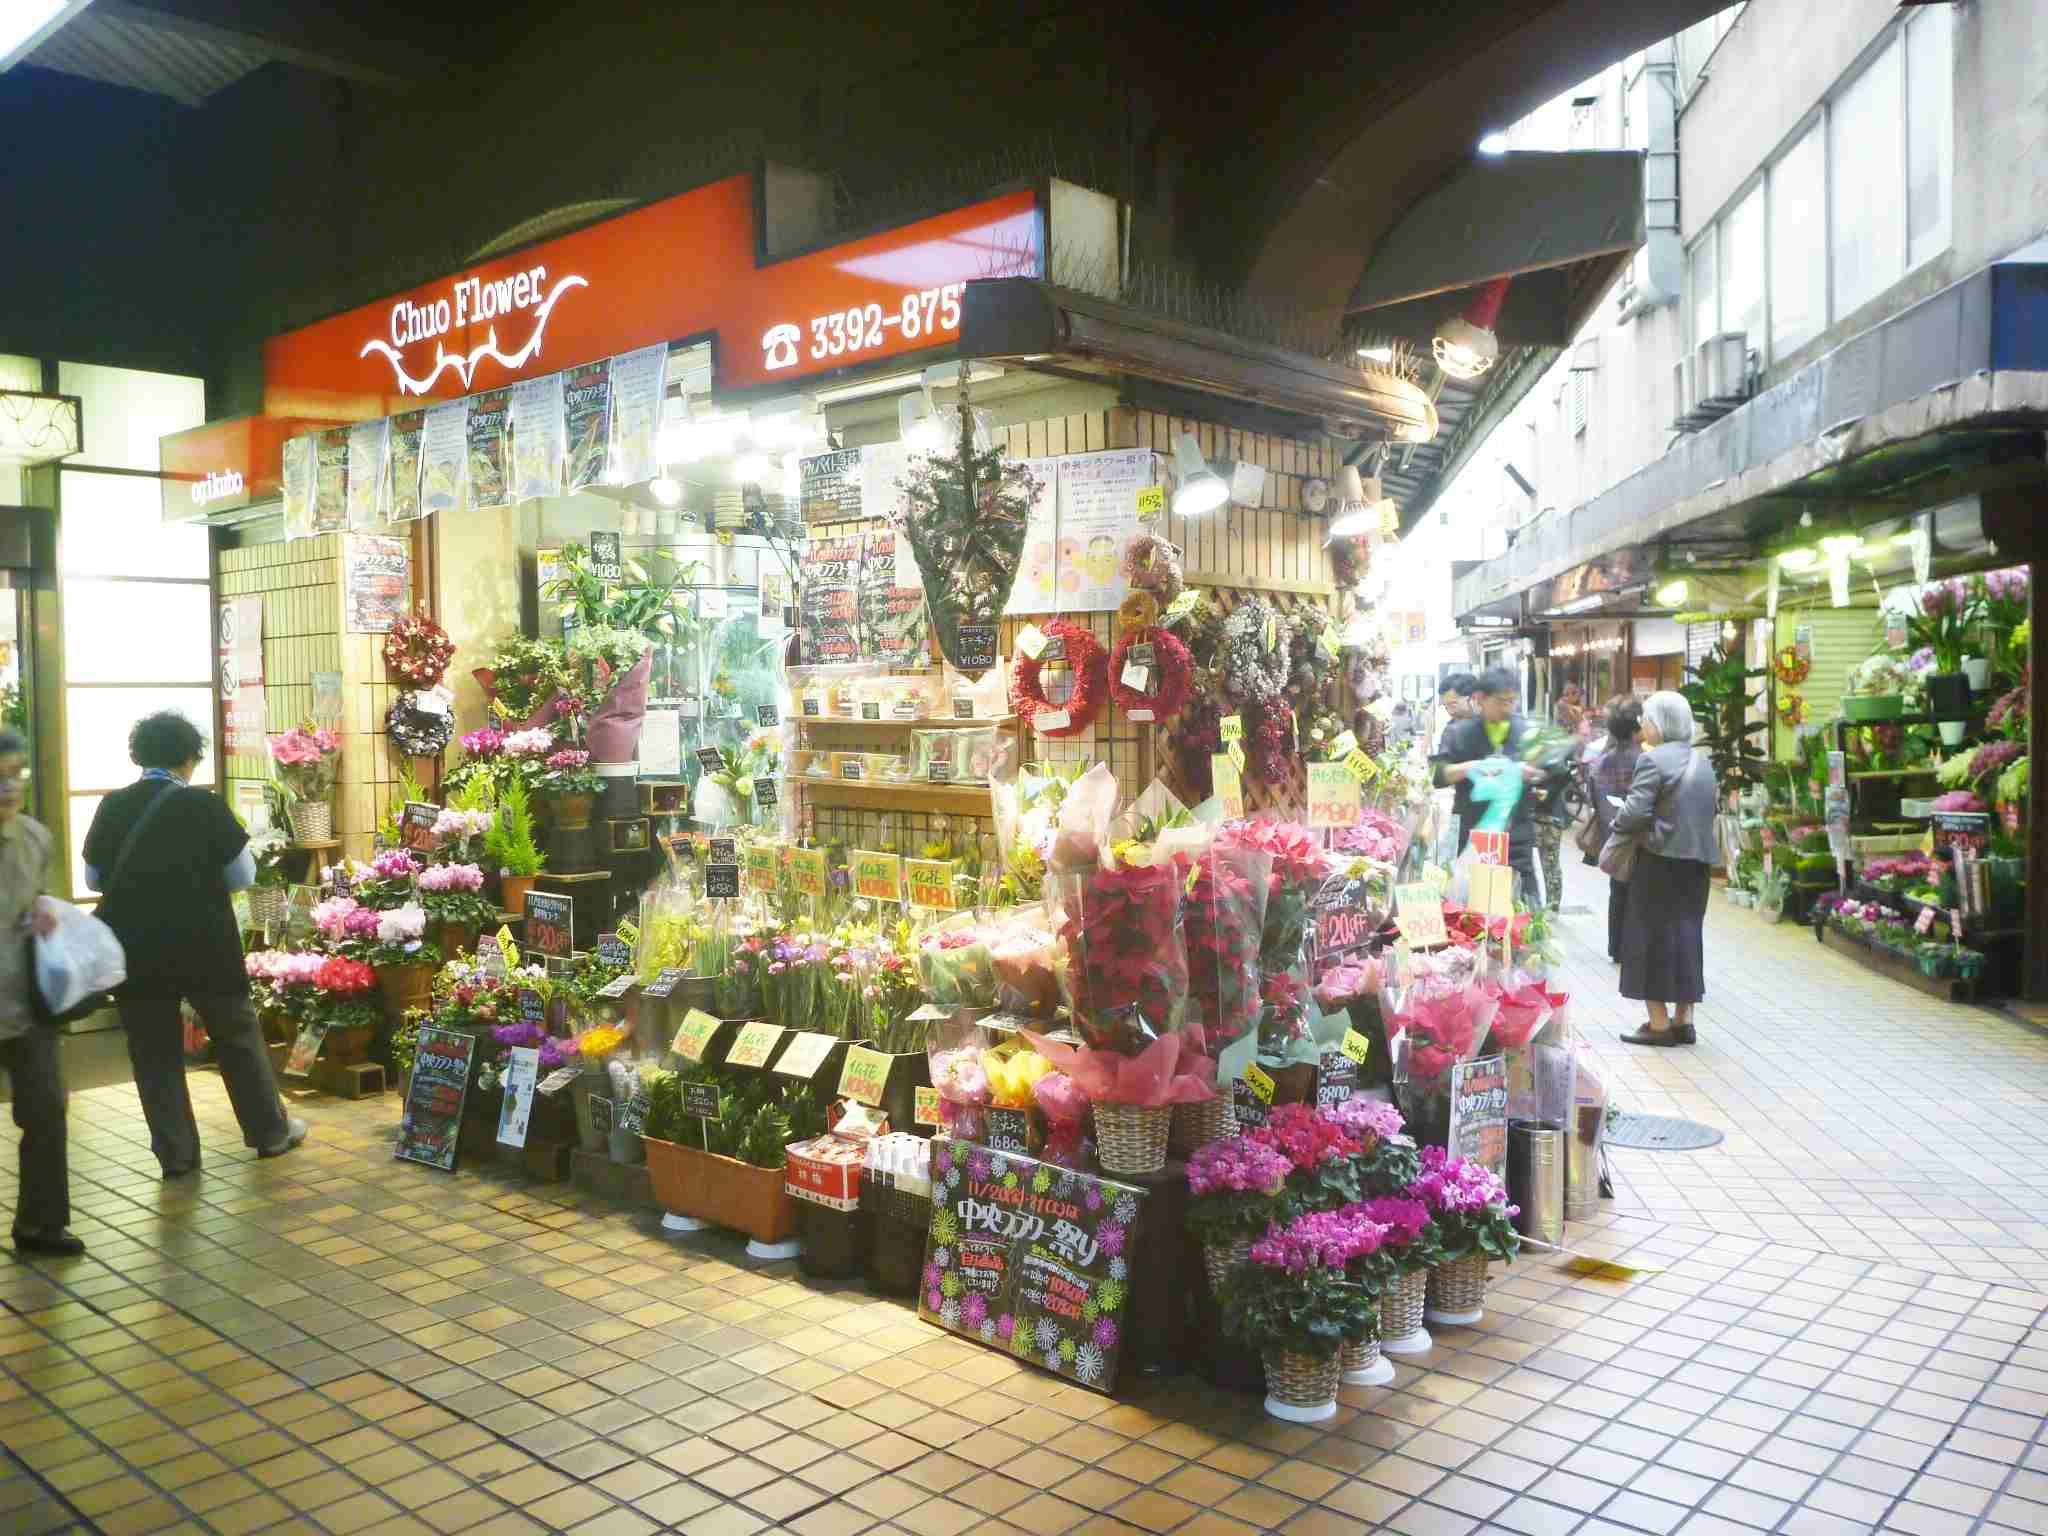 株式会社中央フラワー 荻窪店の写真